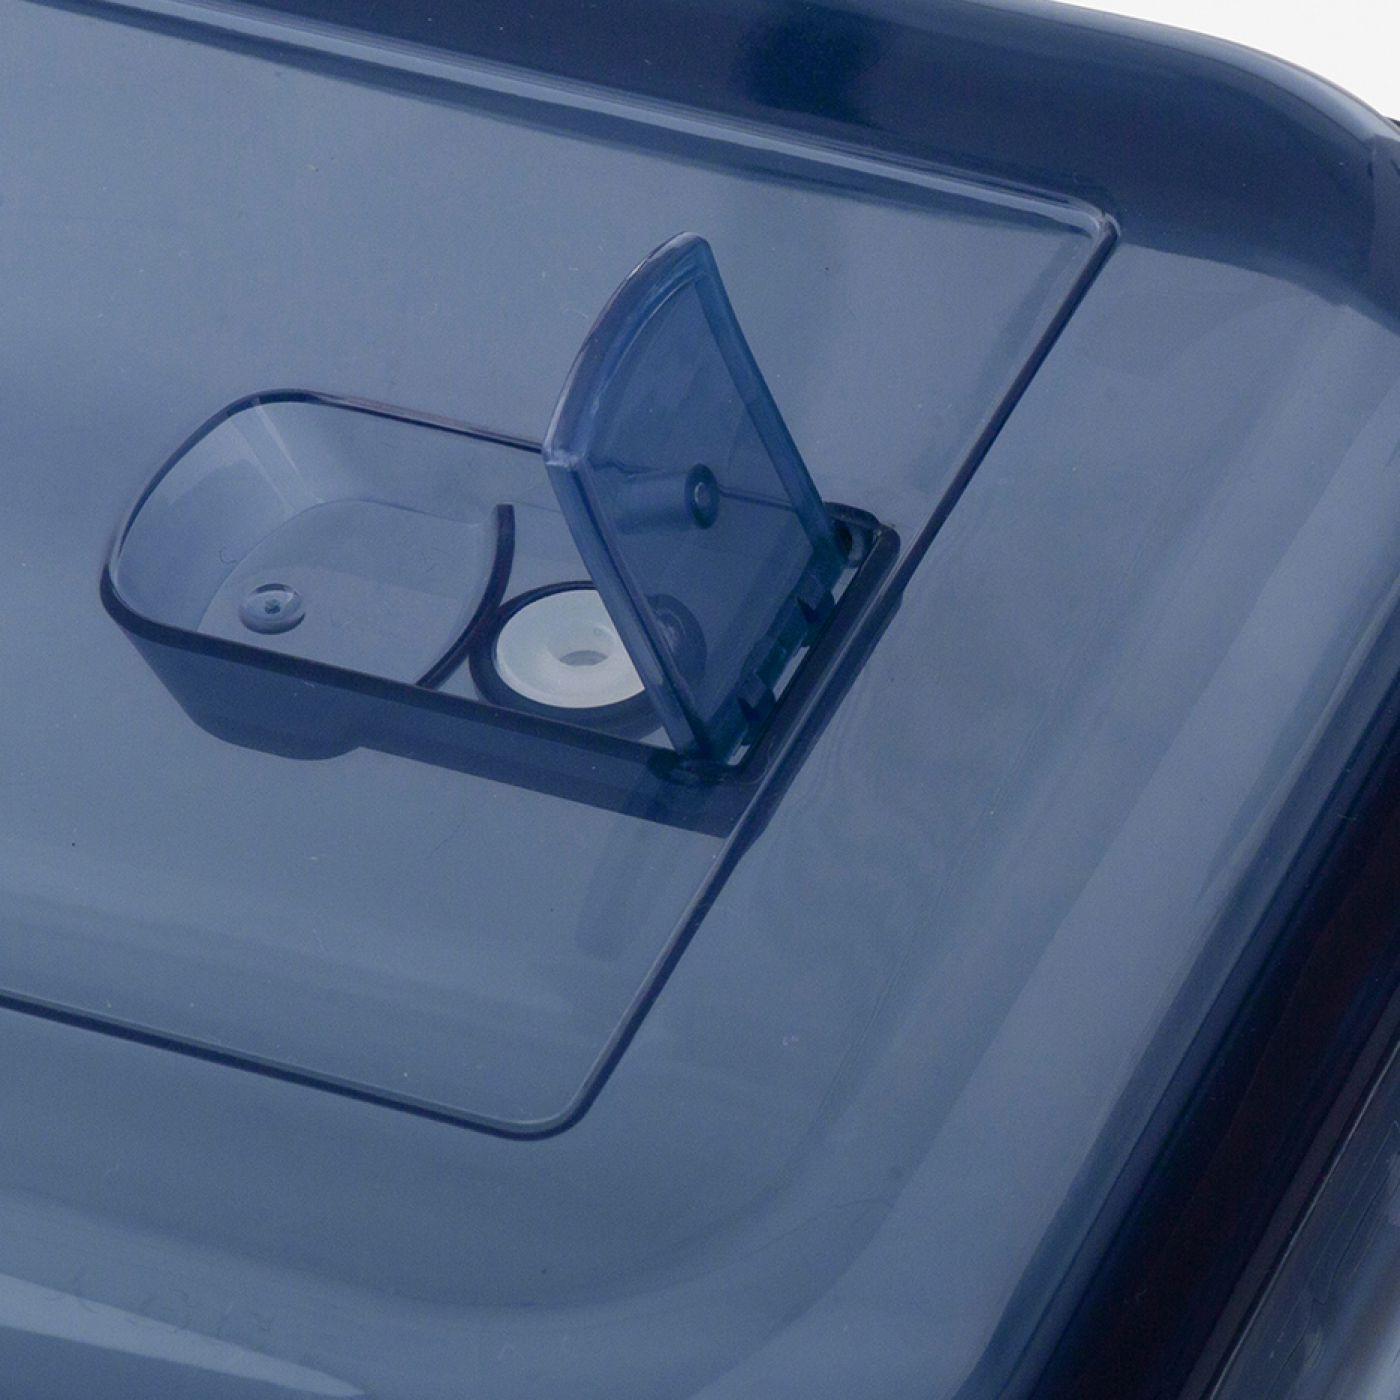 סט 3 קופסאות זכוכית MIKA